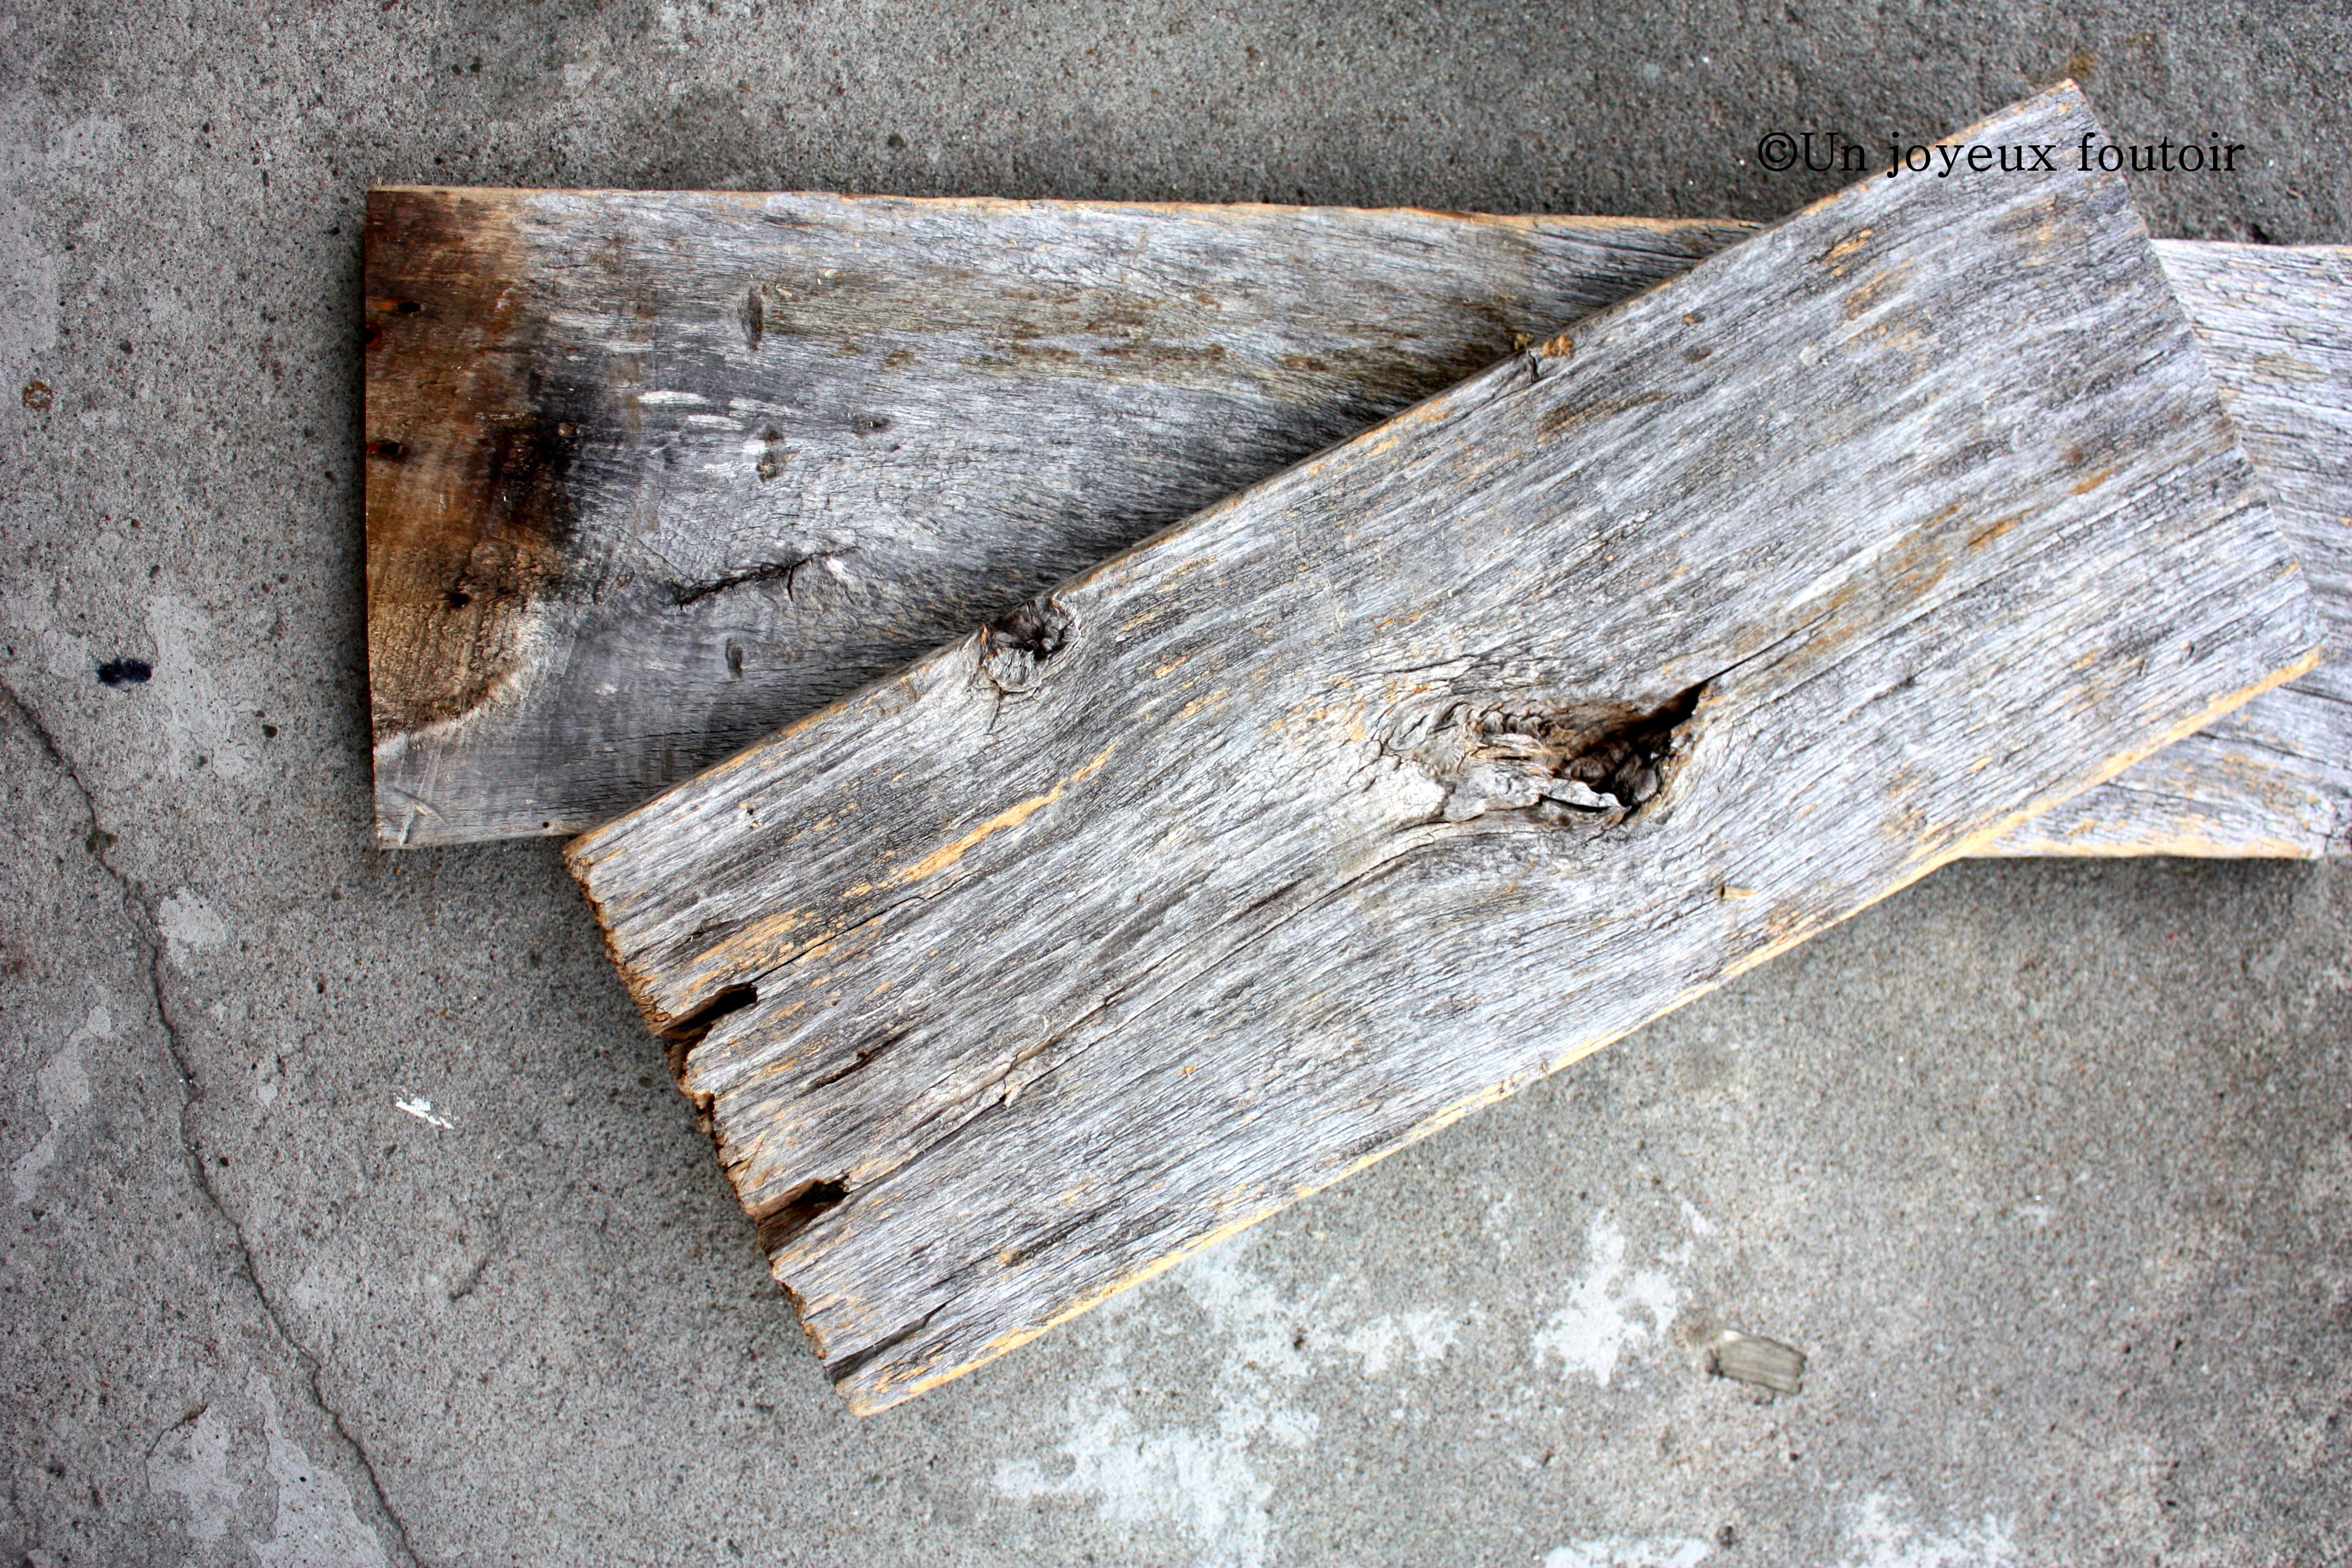 bois de grange Un joyeux foutoir